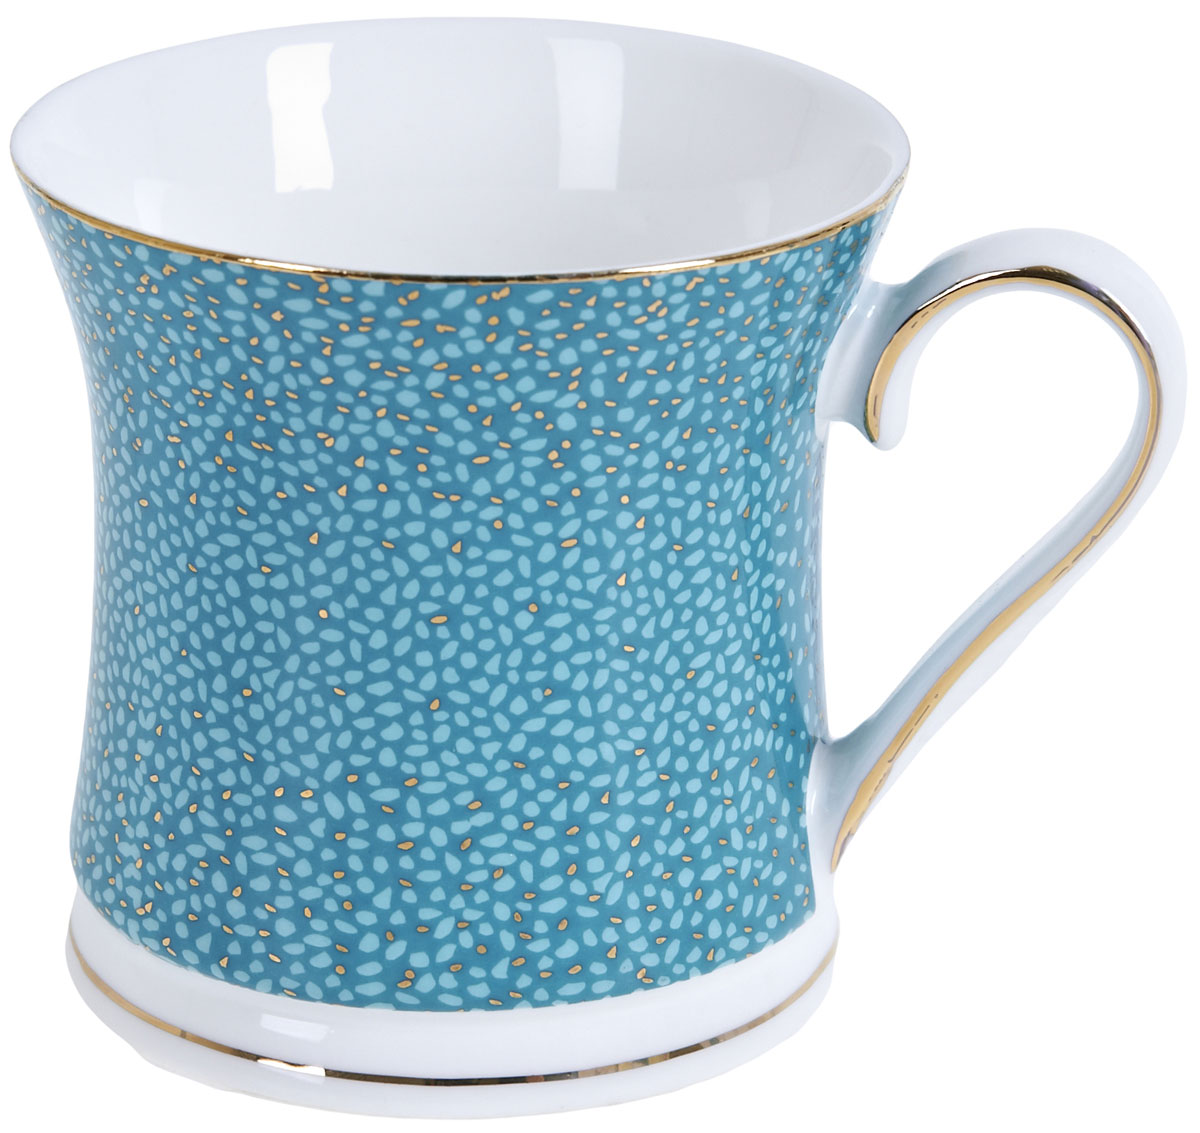 Кружка BHP Морская волна, 375 мл. 12101171210117Оригинальная кружка Best Home Porcelain, выполненная из высококачественного фарфора, сочетает в себе простой, утонченный дизайн с максимальной функциональностью. Можно использовать в посудомоечной машине.